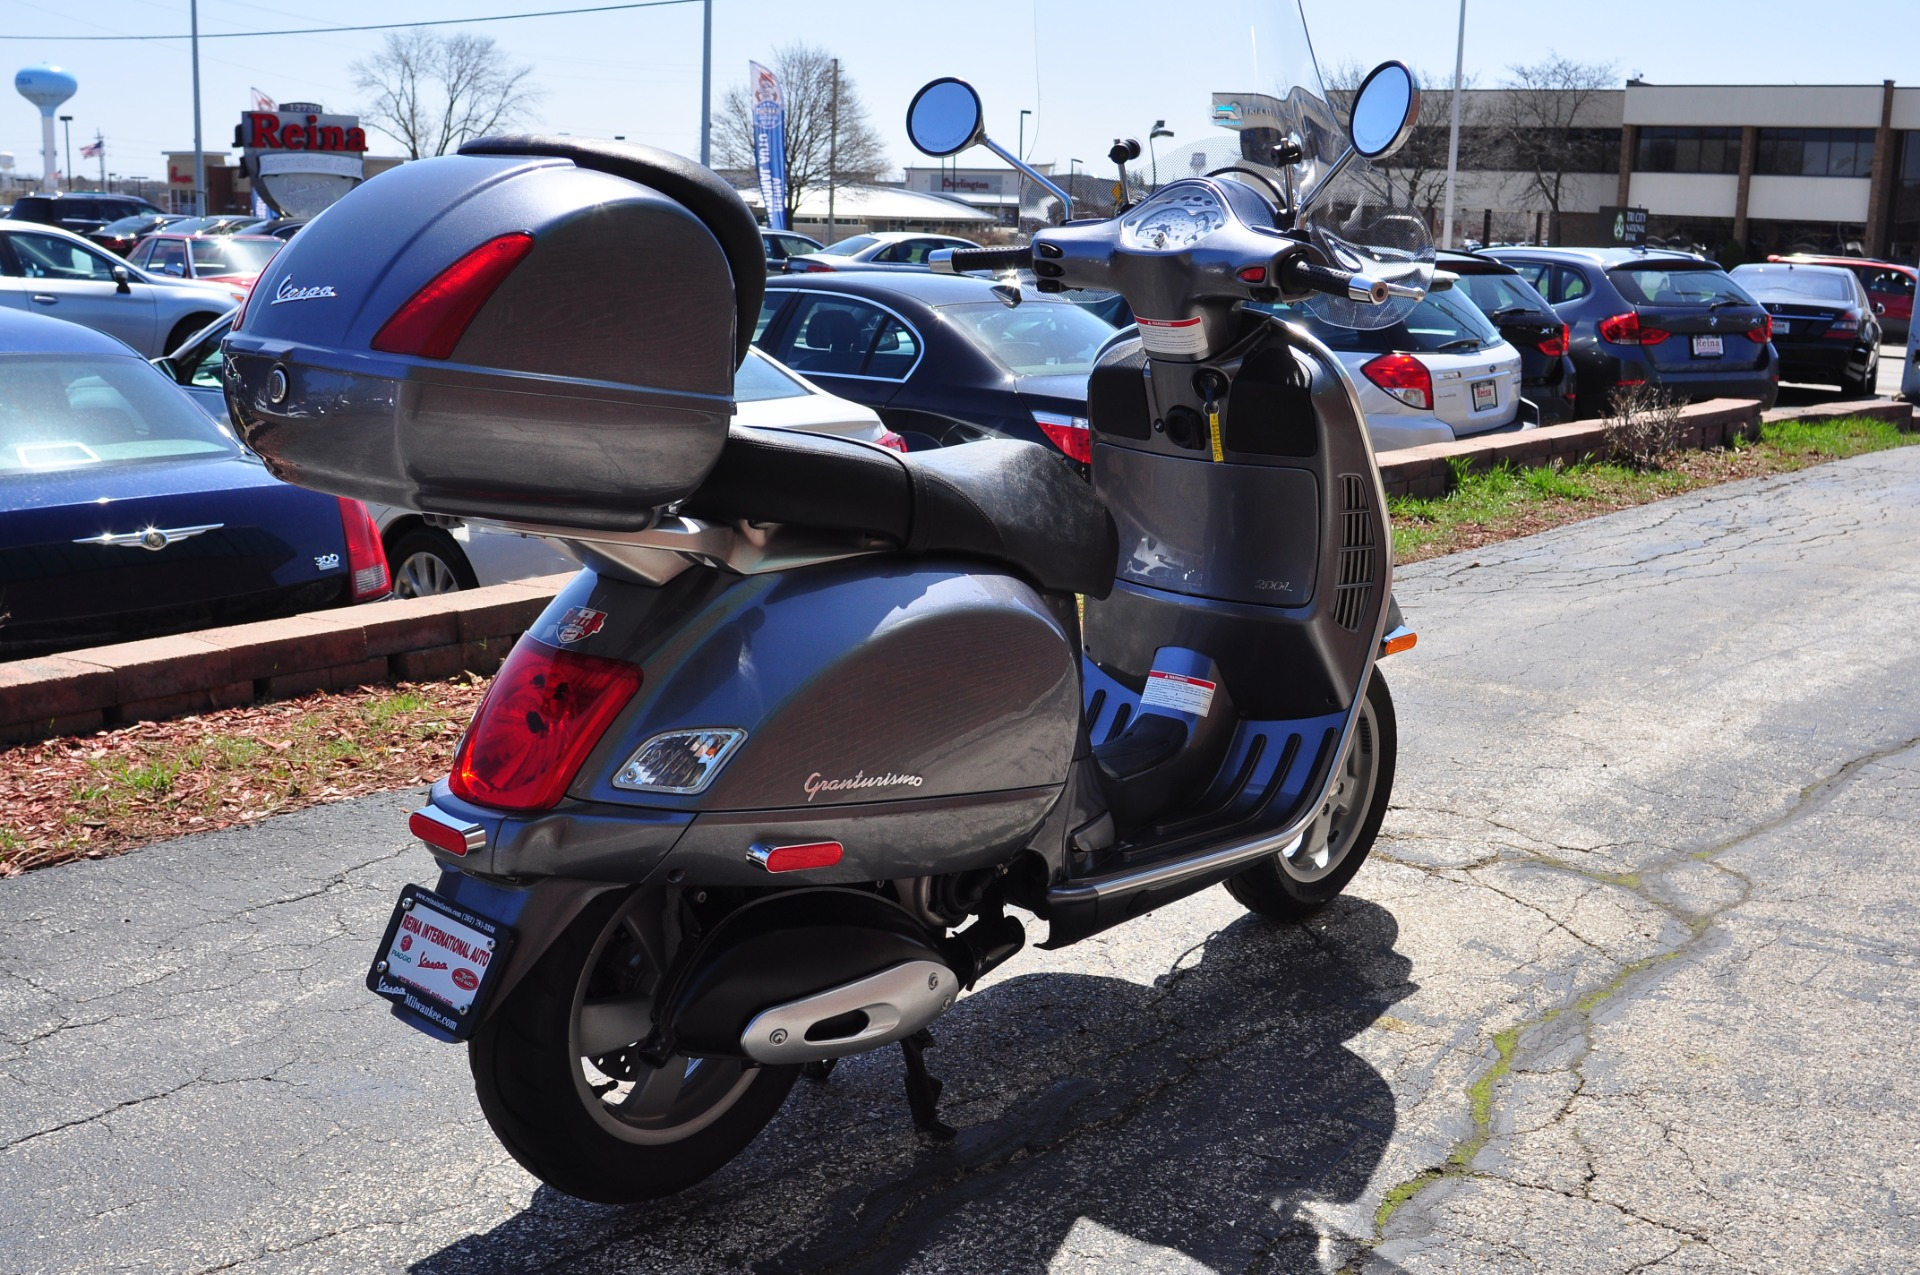 Used-2006-Vespa-GT200L